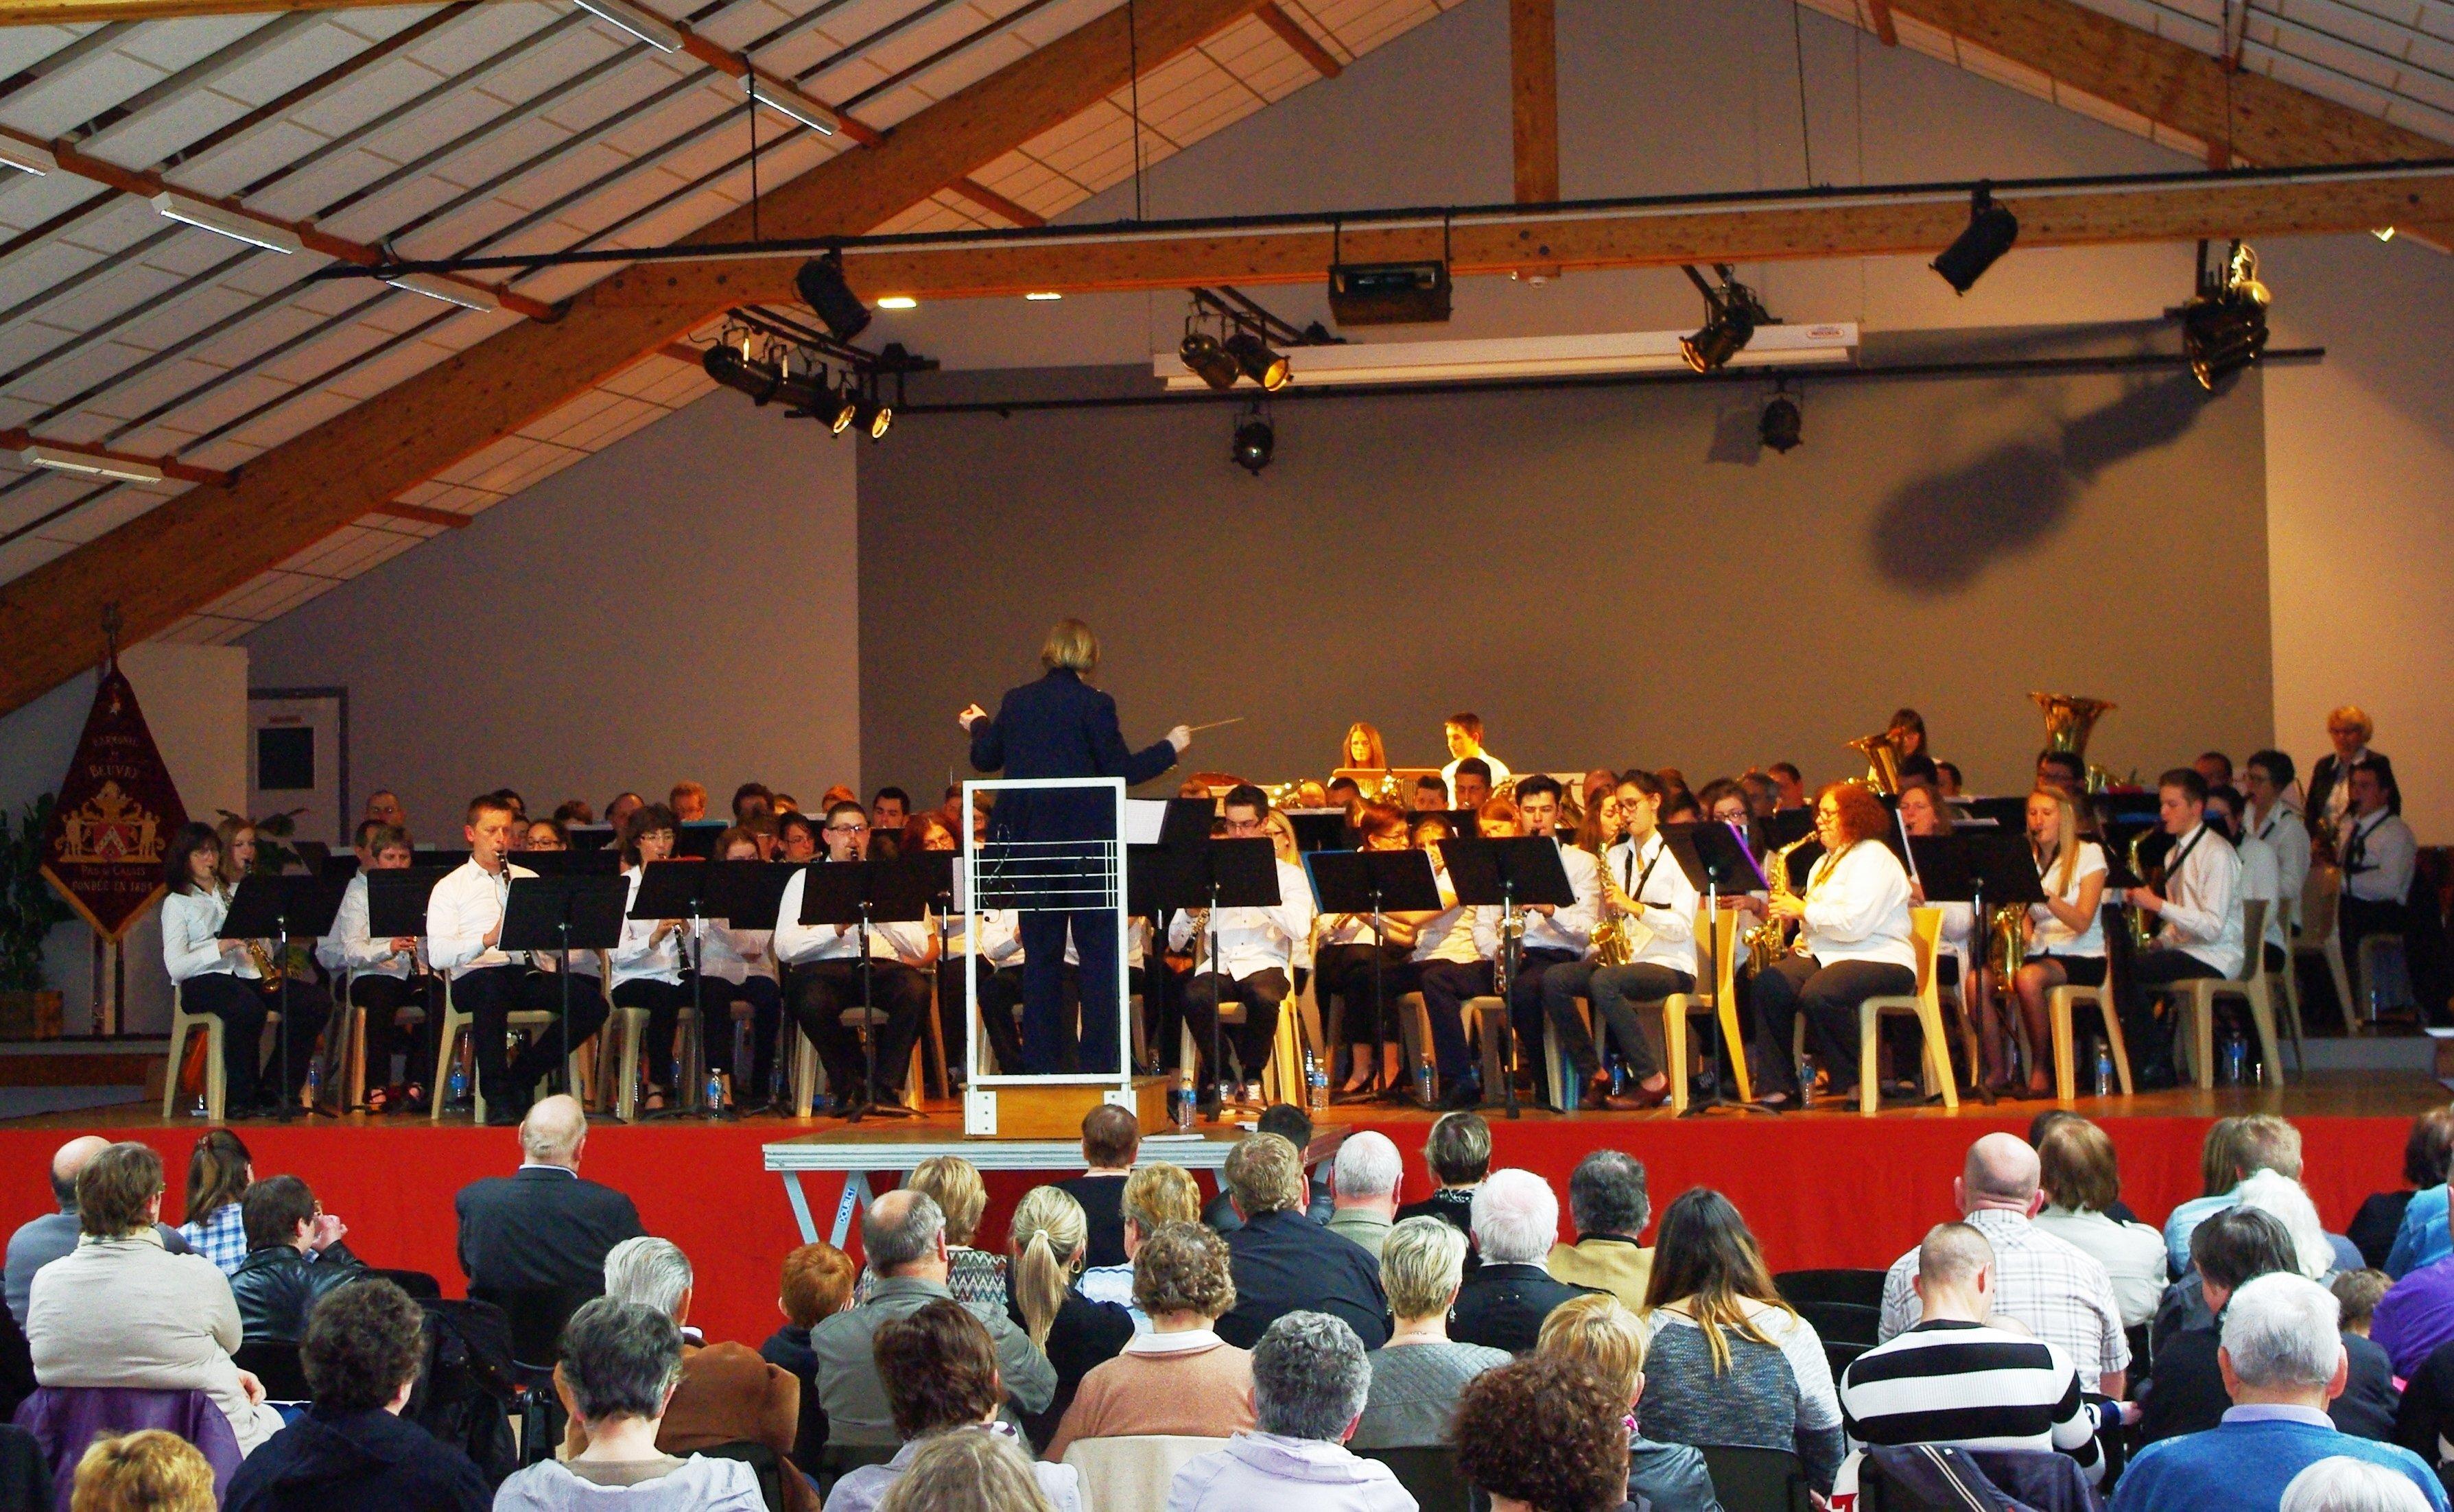 Les 5èmes Musicofolies ont enchanté le public dans Festivités 5e-musicofolies-6-avril-2014-28